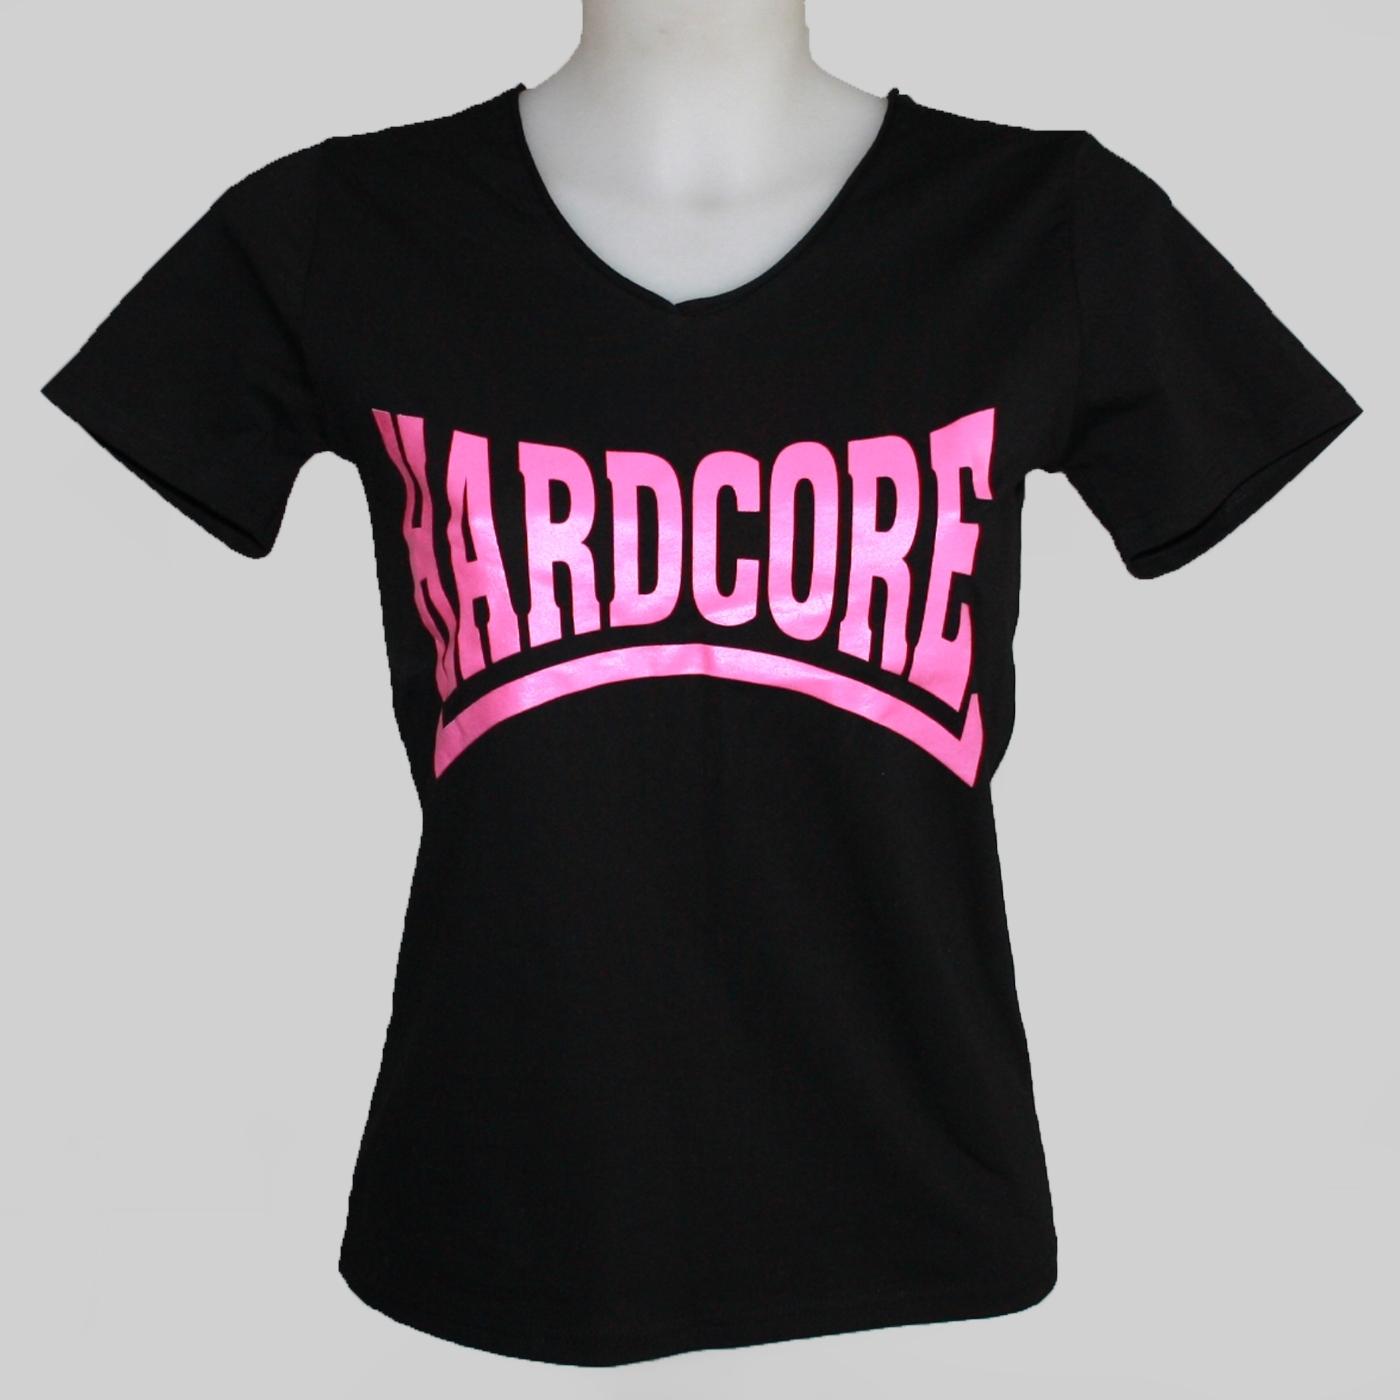 Hardcore Shirts 23